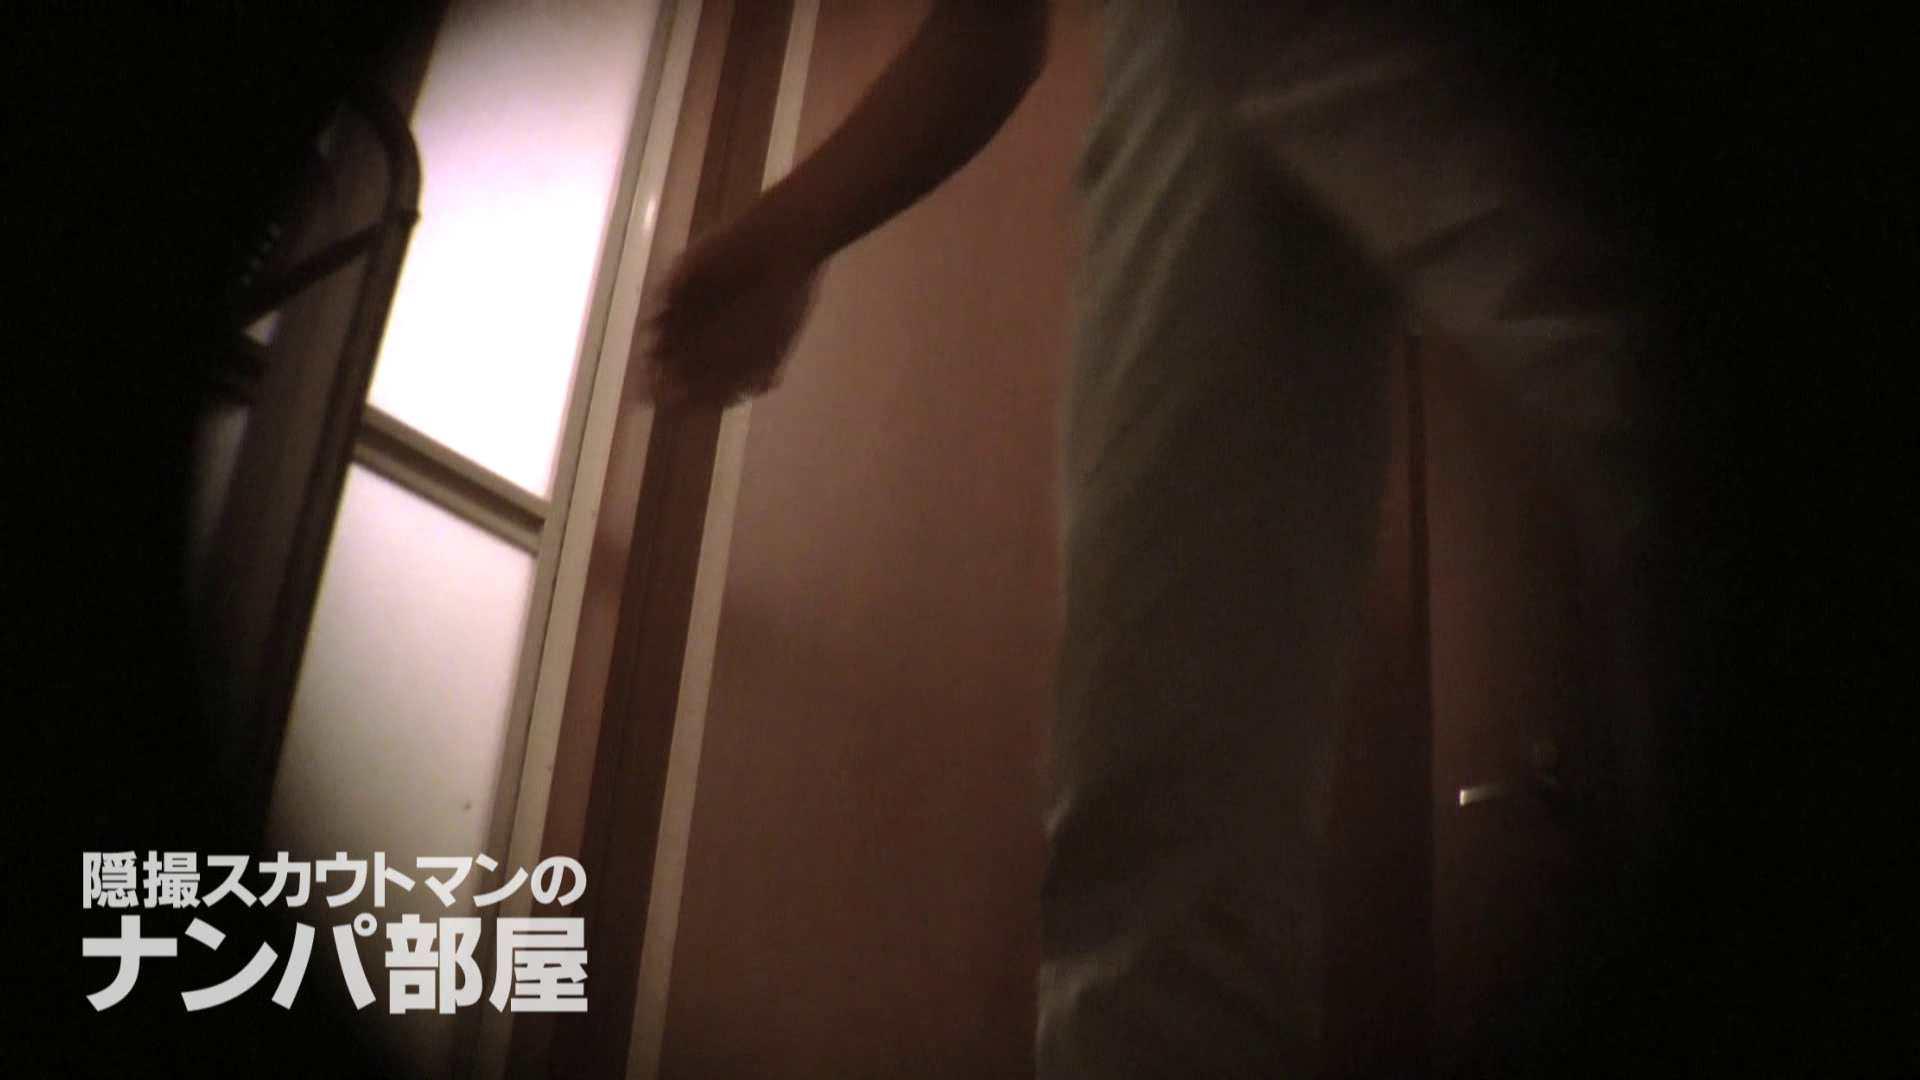 巨乳 乳首:隠撮スカウトマンのナンパ部屋~風俗デビュー前のつまみ食い~ sii:大奥